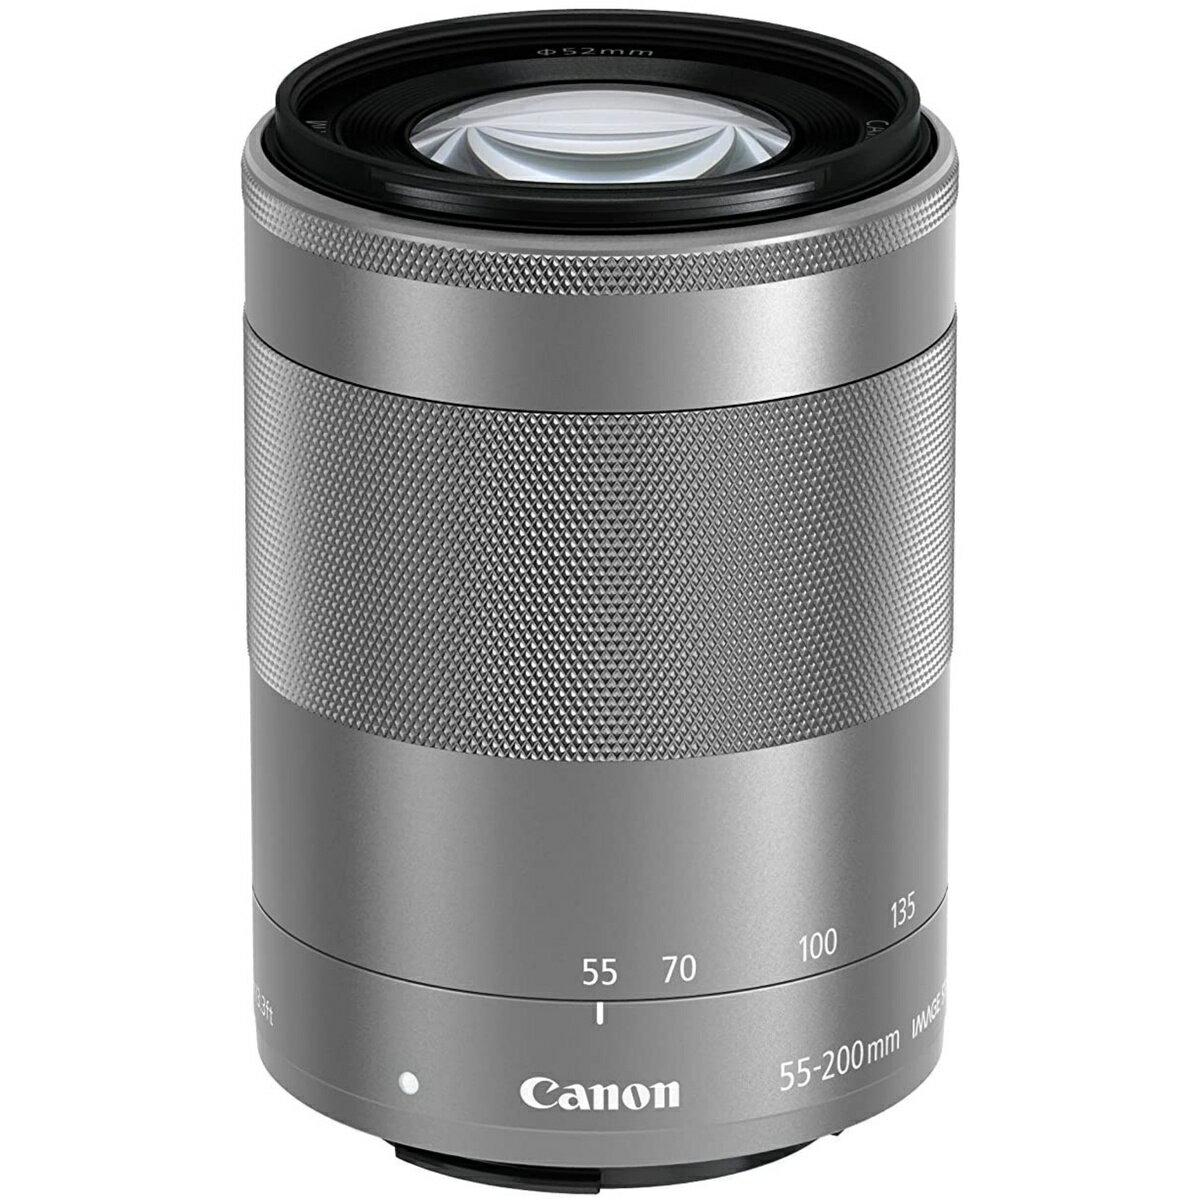 カメラ・ビデオカメラ・光学機器, カメラ用交換レンズ 729()3:00731()23:592Canon EF-M55-200mm F4.5-6.3 IS STM